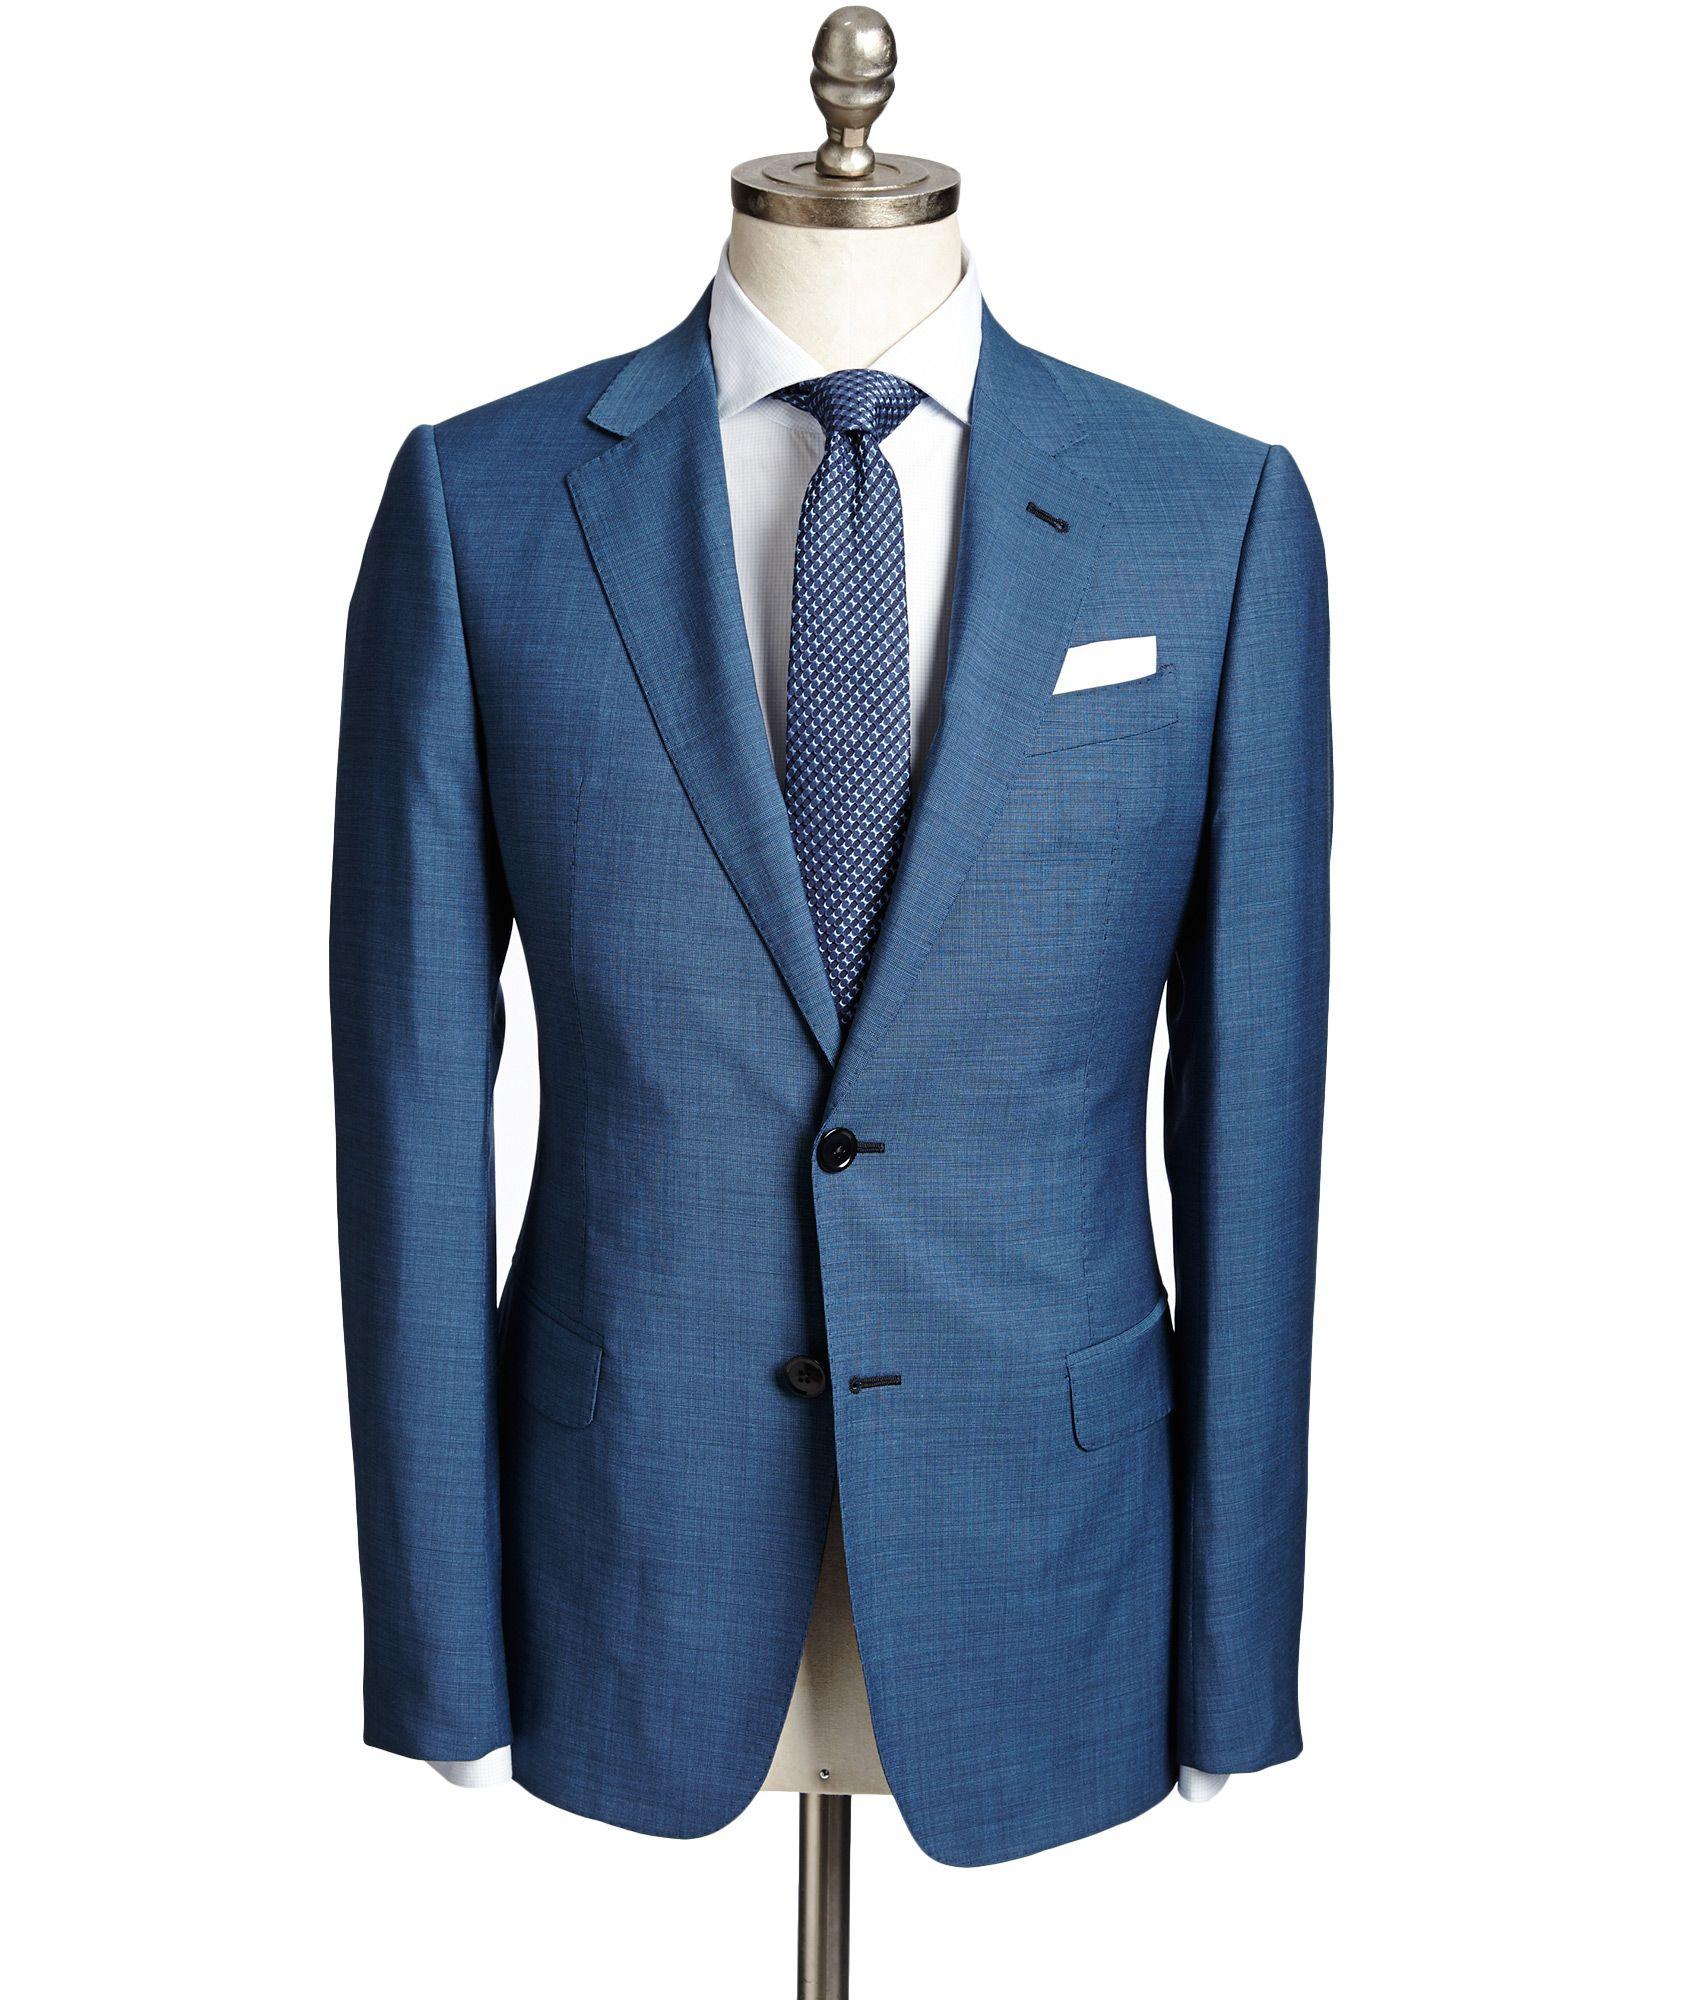 Armani Collezioni | S-Line Virgin Wool Suit | Suits | Harry Rosen ...